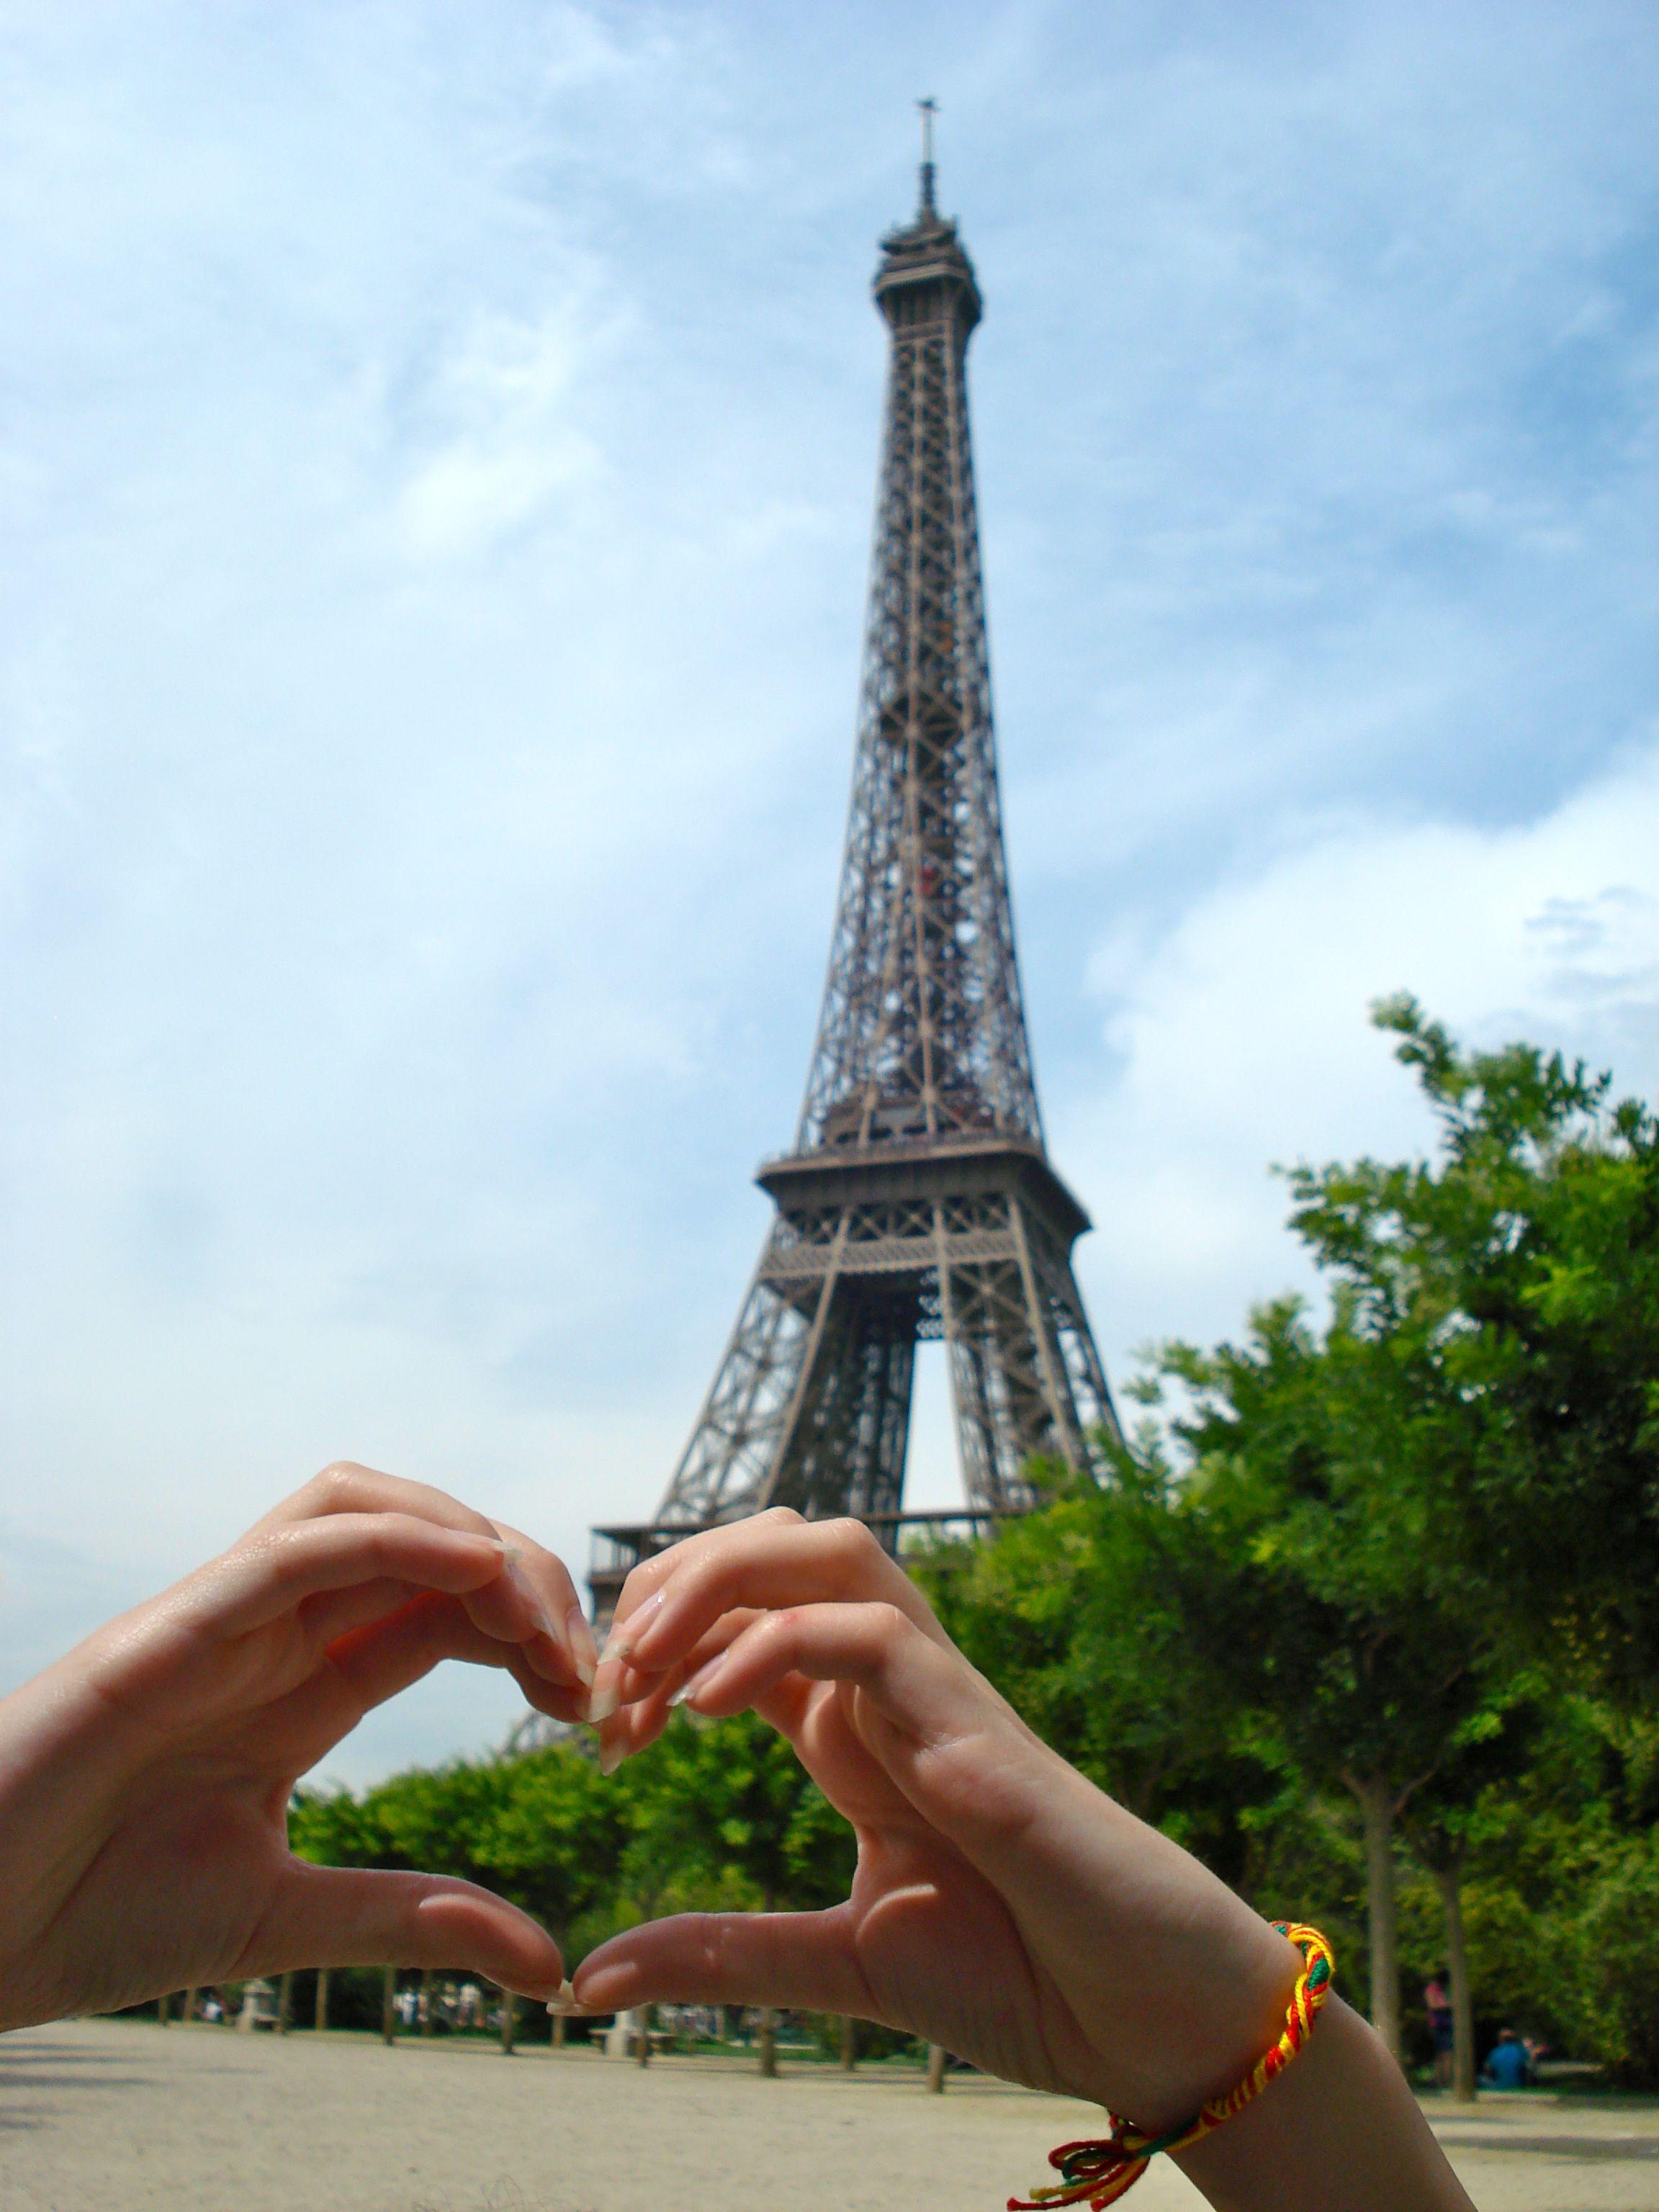 She loves Paris